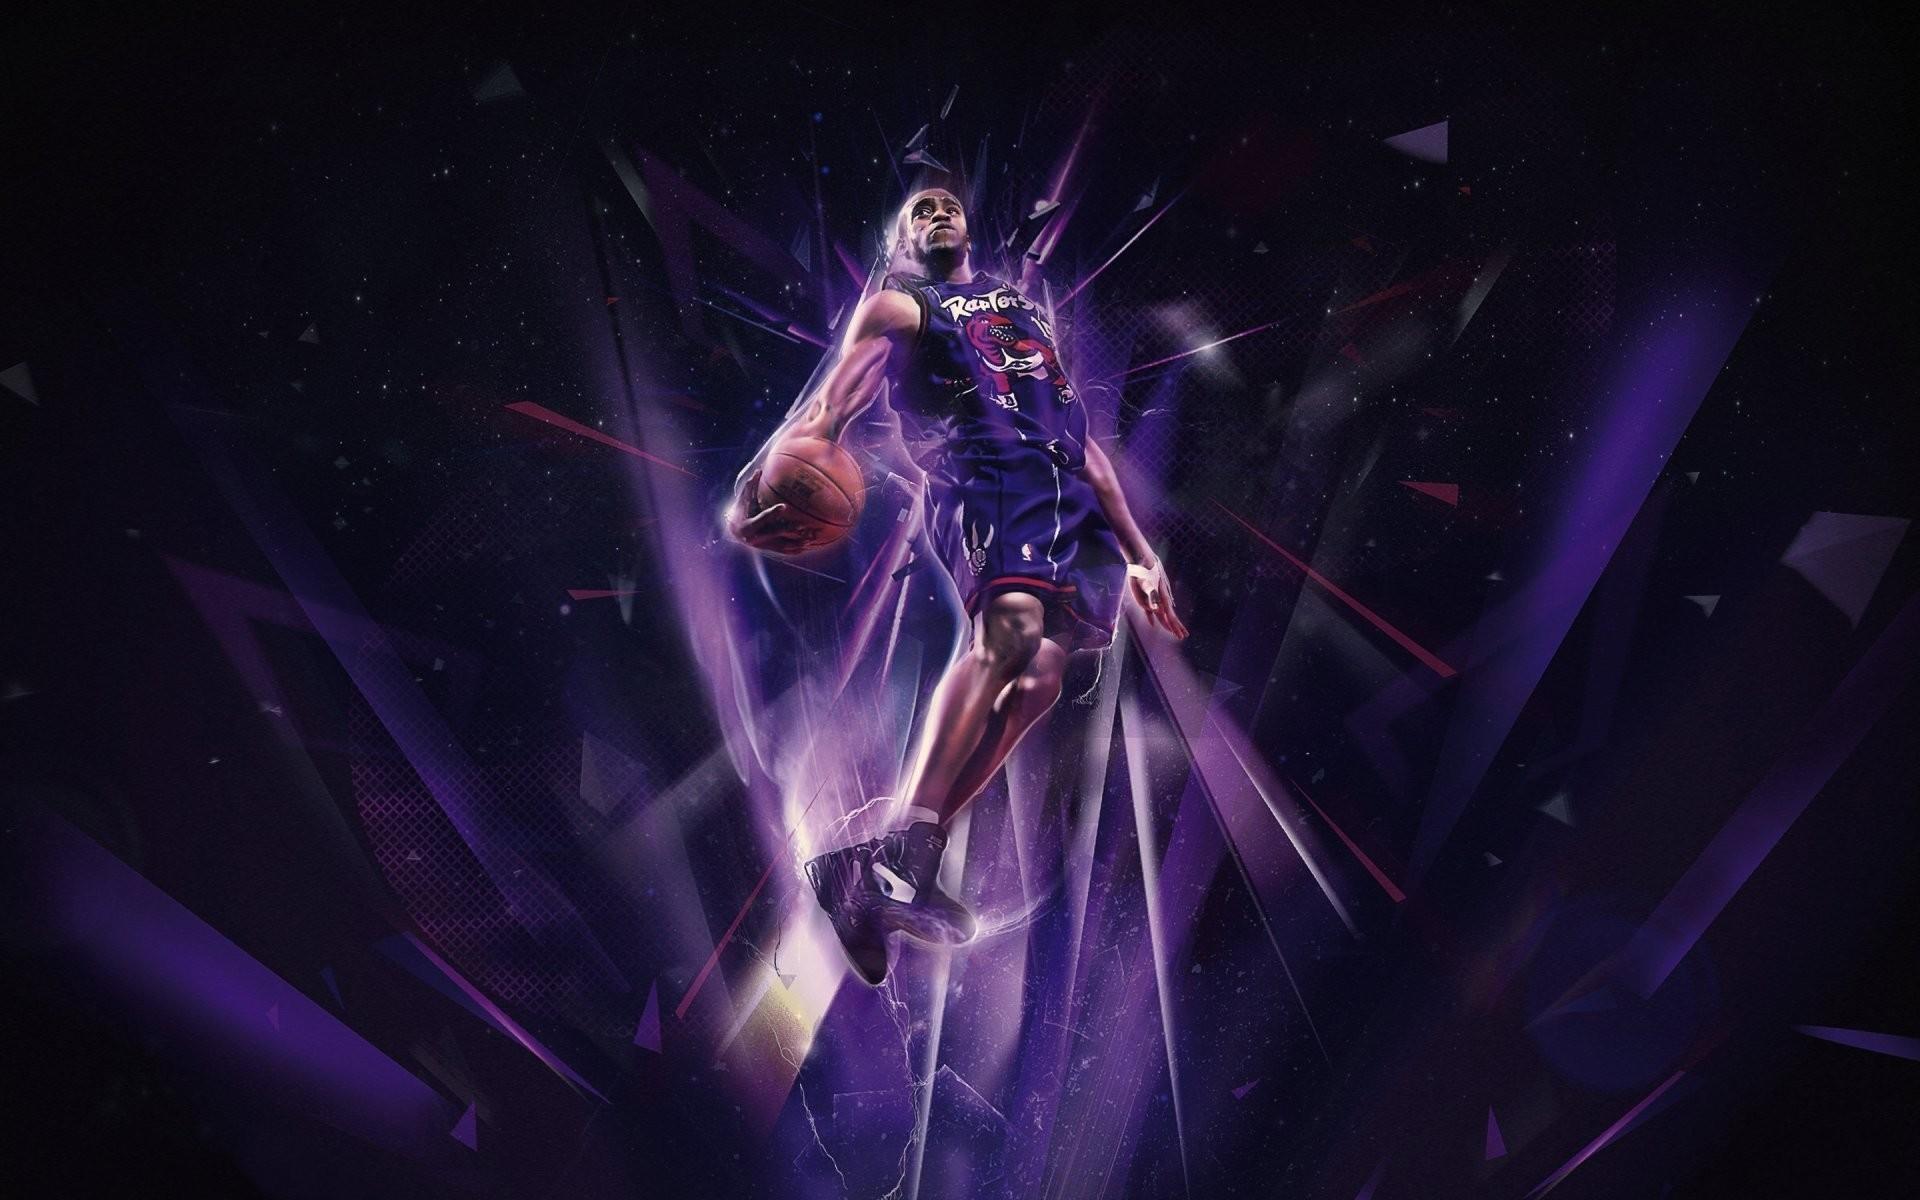 vince carter toronto raptors toronto raptors purple nba basketball hang ball